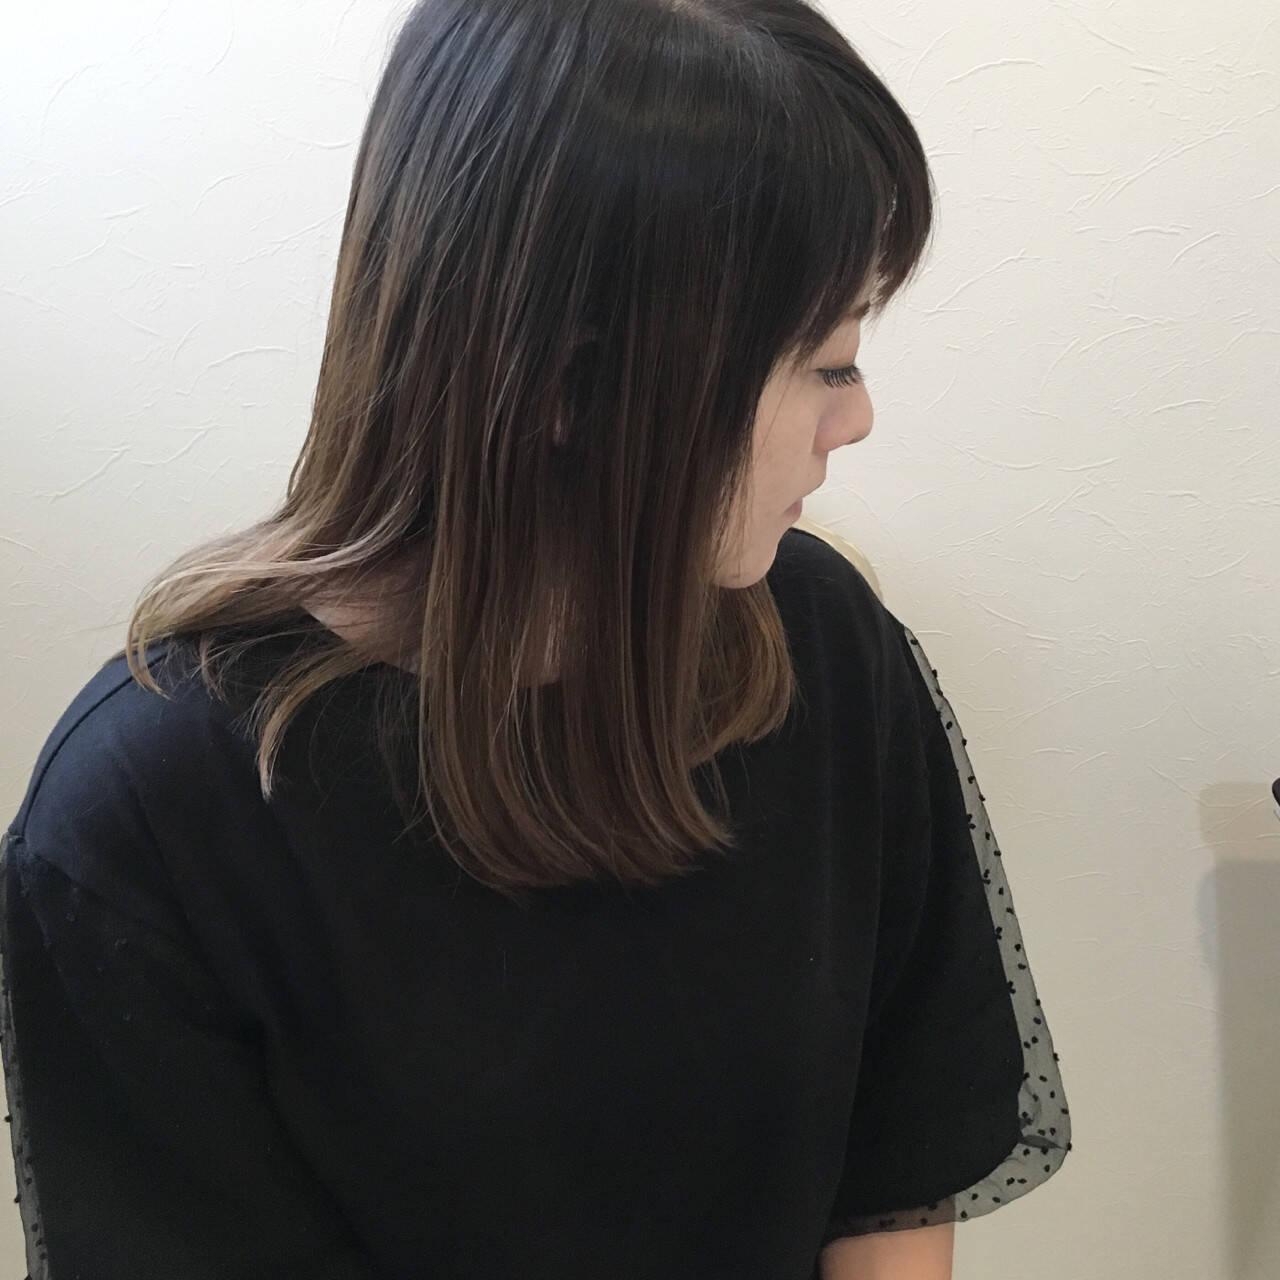 バレイヤージュ ストレート ハイライト 大人女子ヘアスタイルや髪型の写真・画像